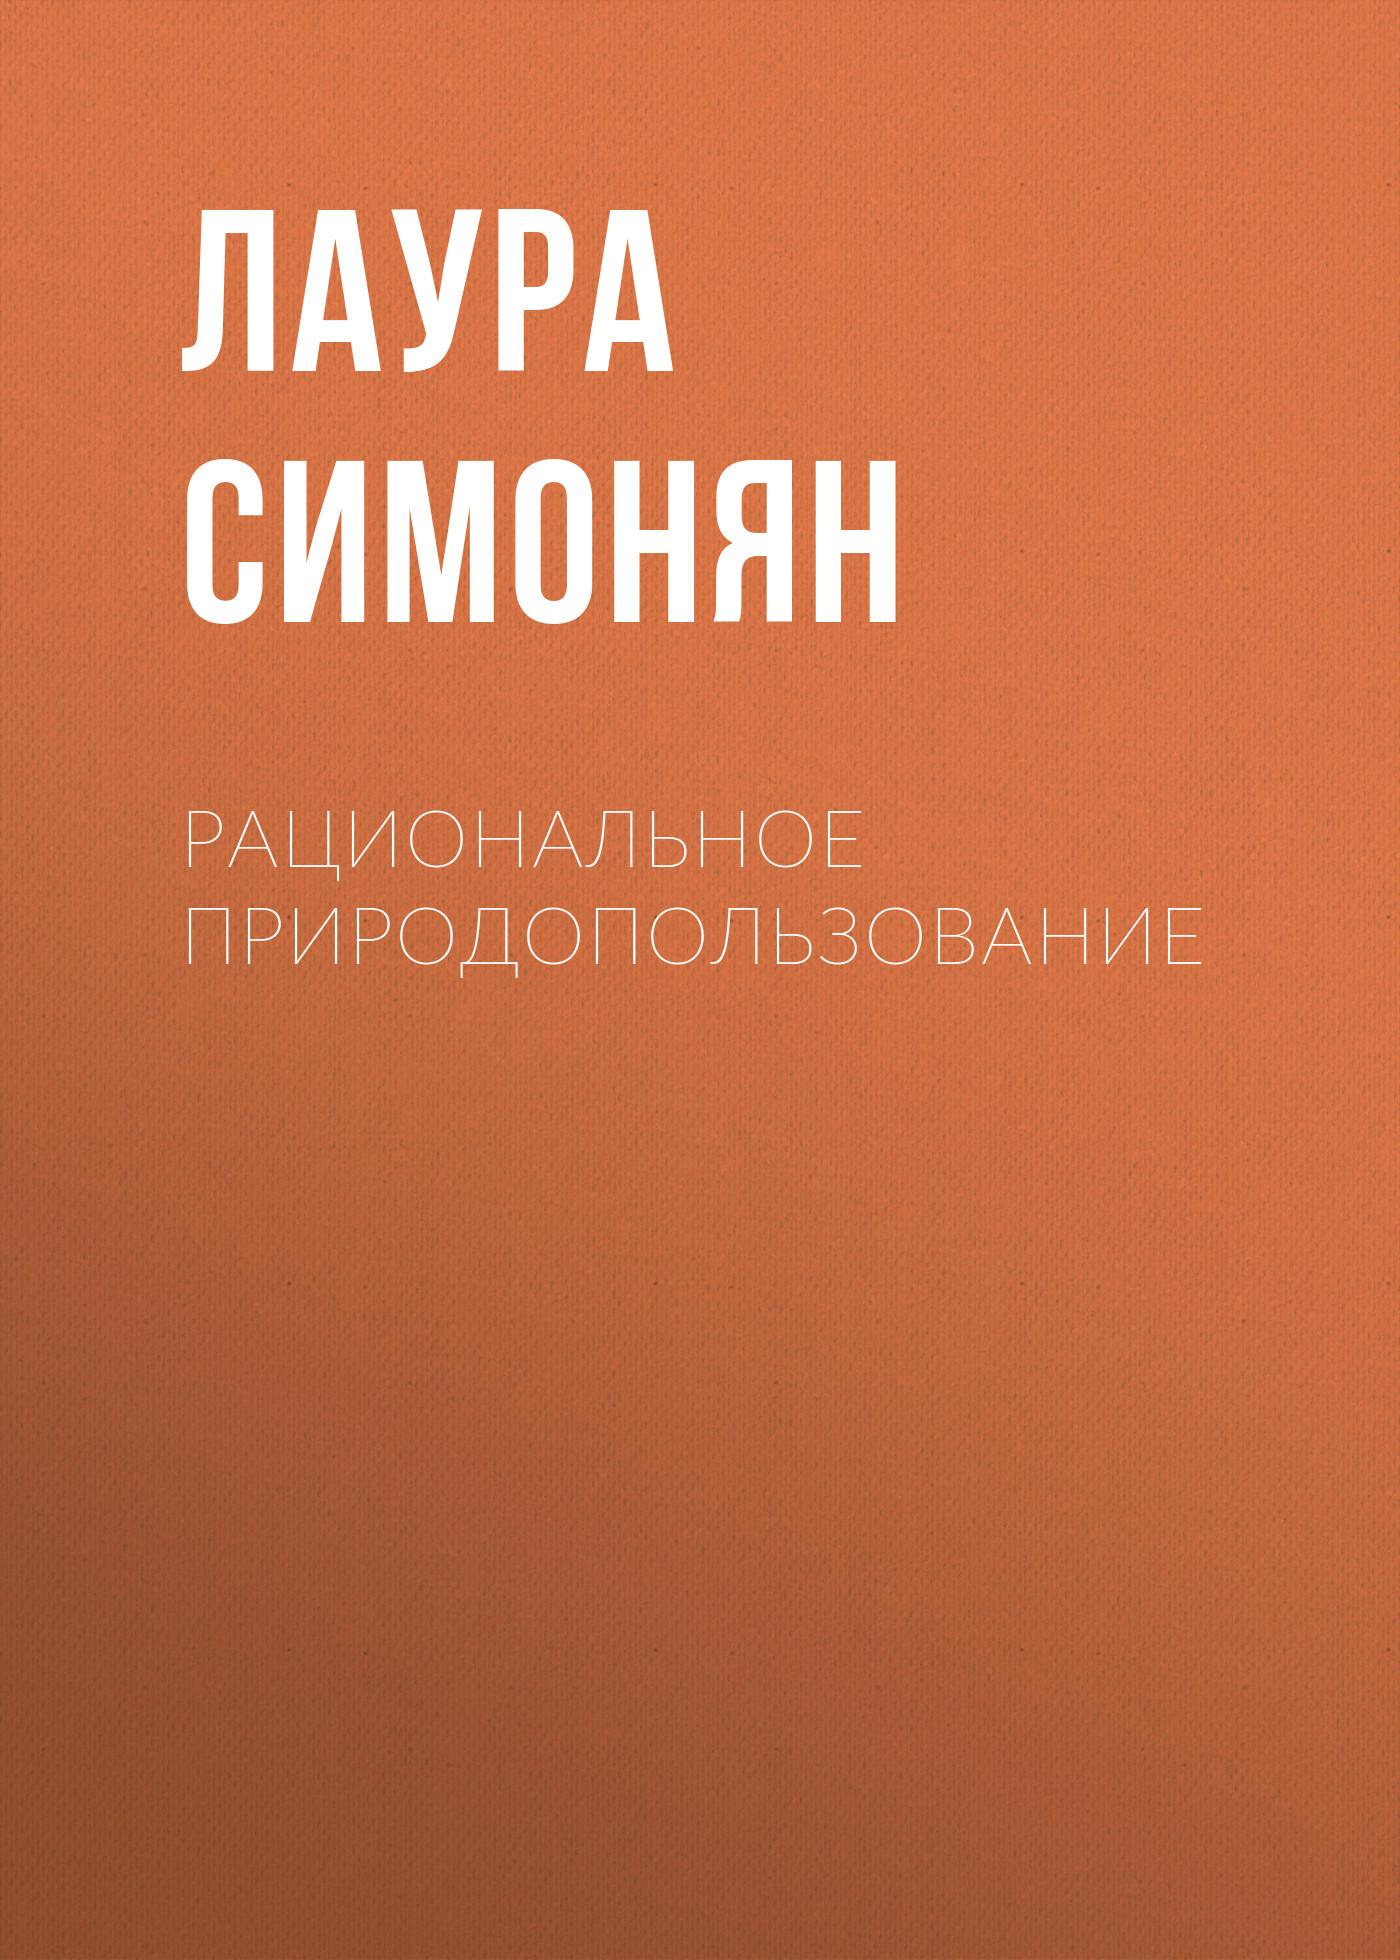 Лаура Симонян Рациональное природопользование